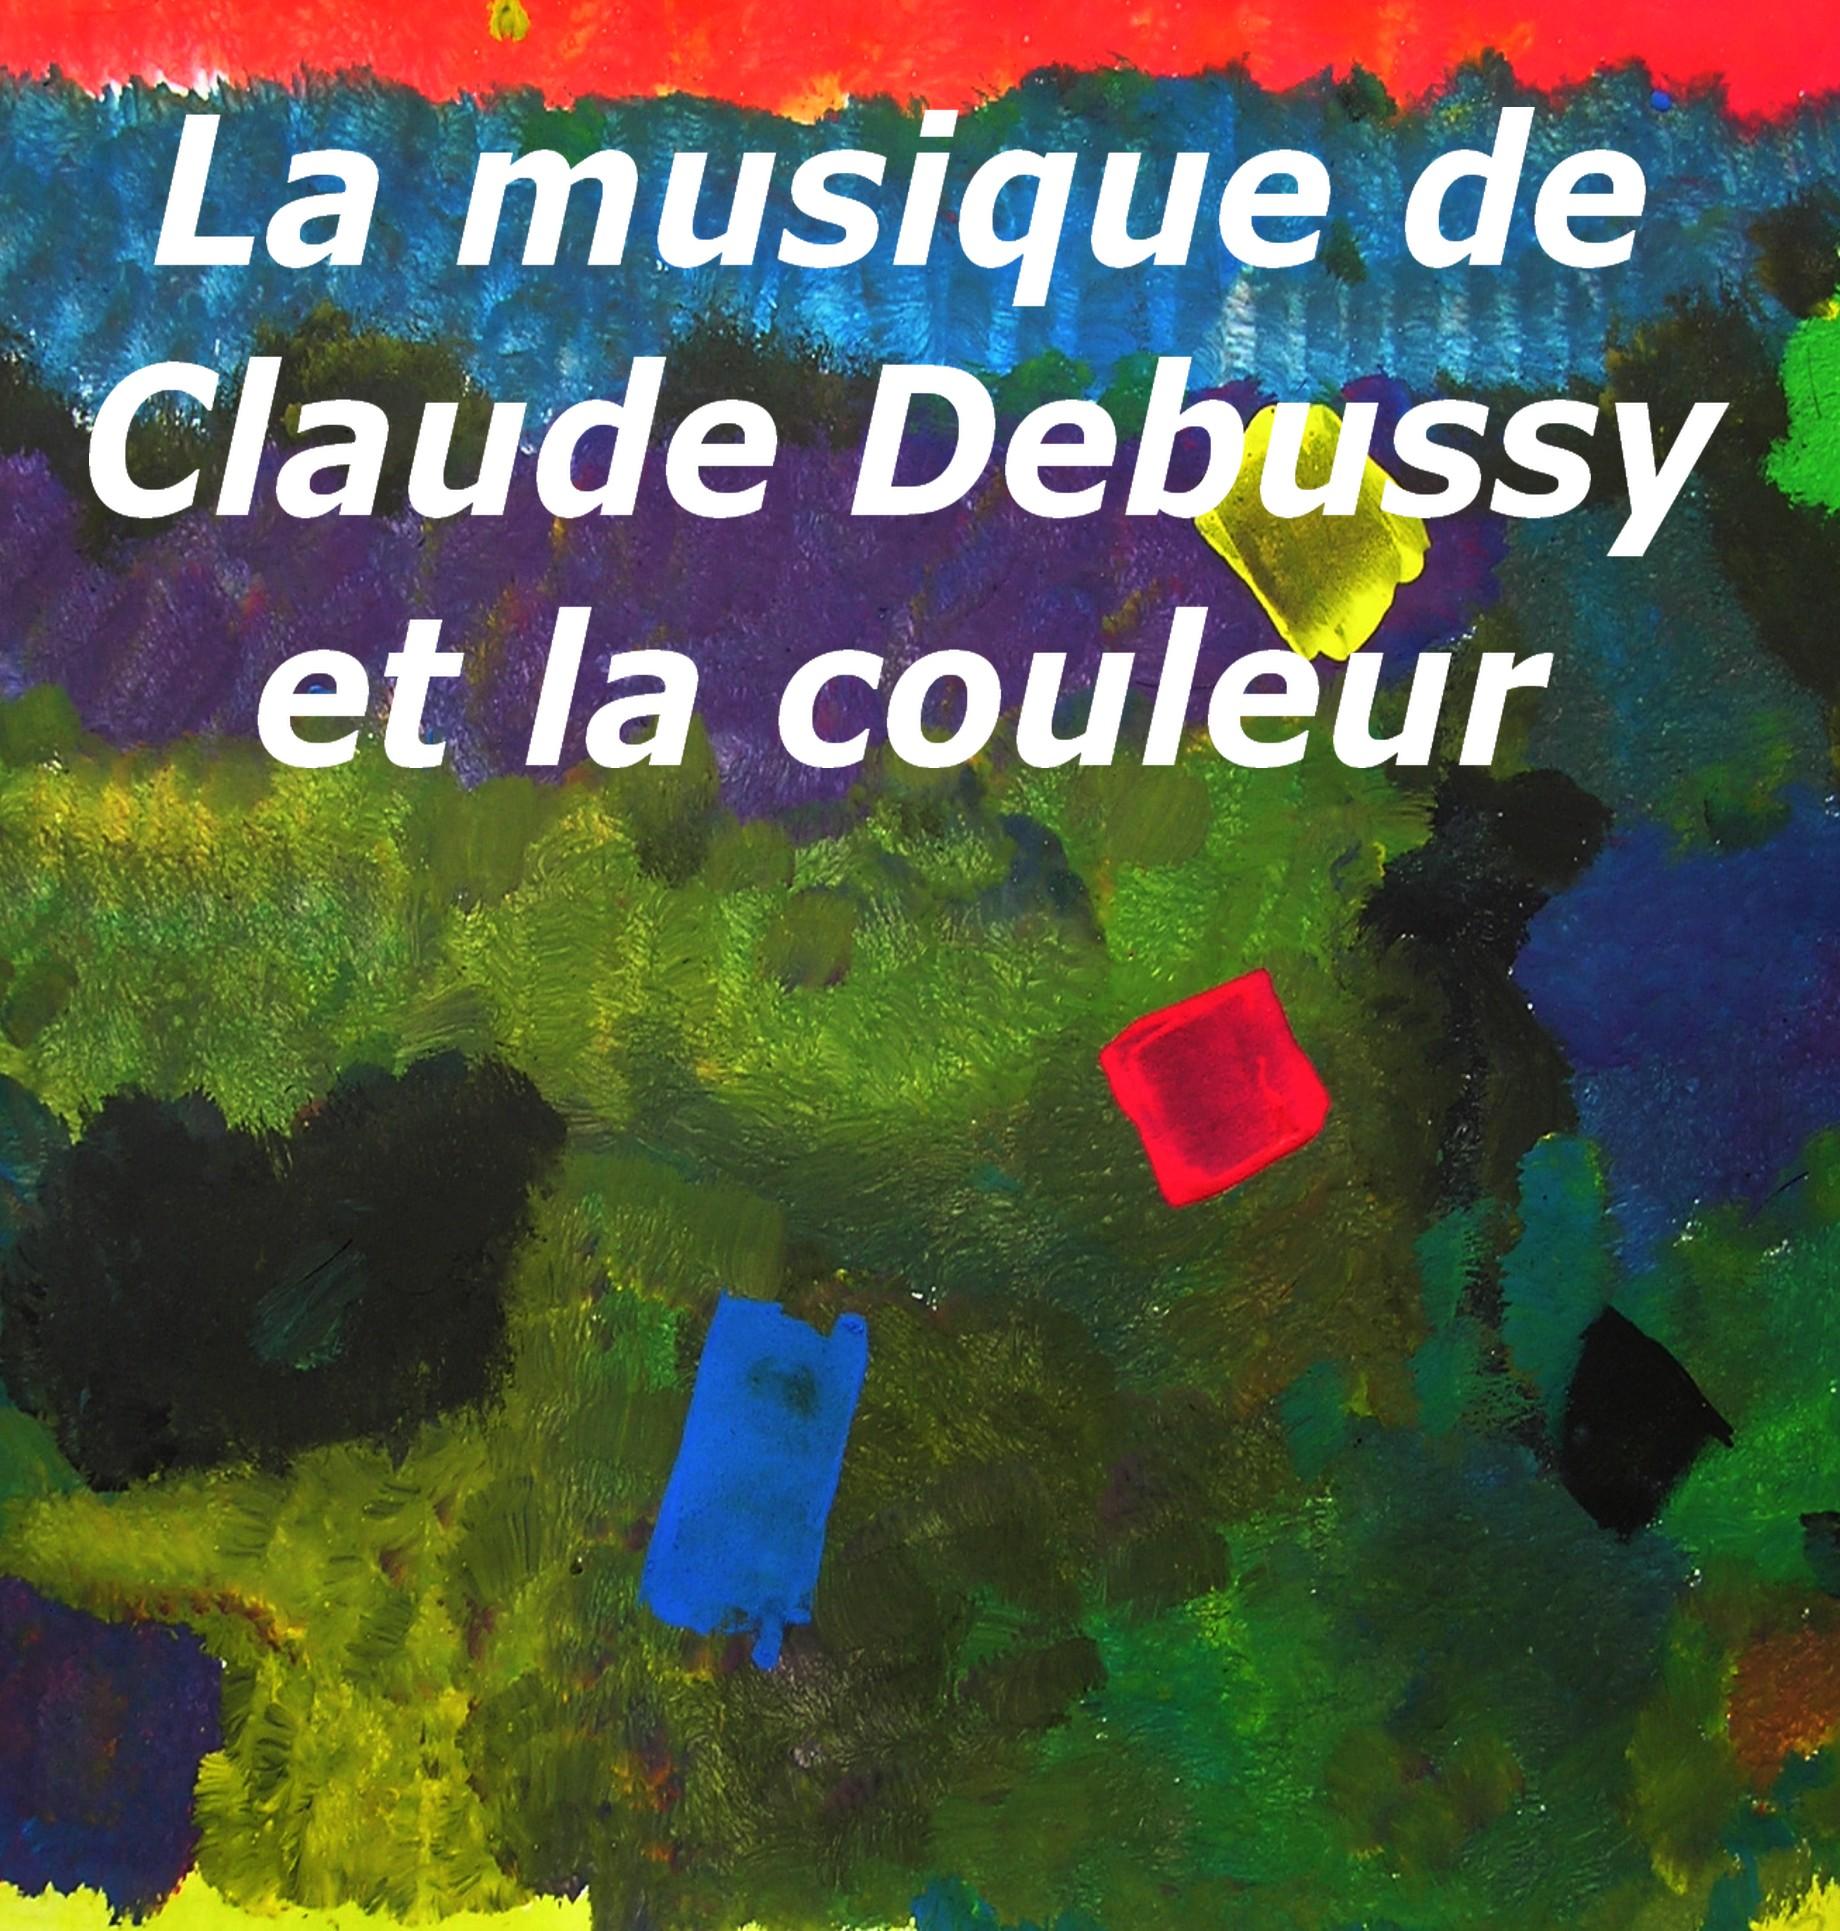 Debussy et la couleur